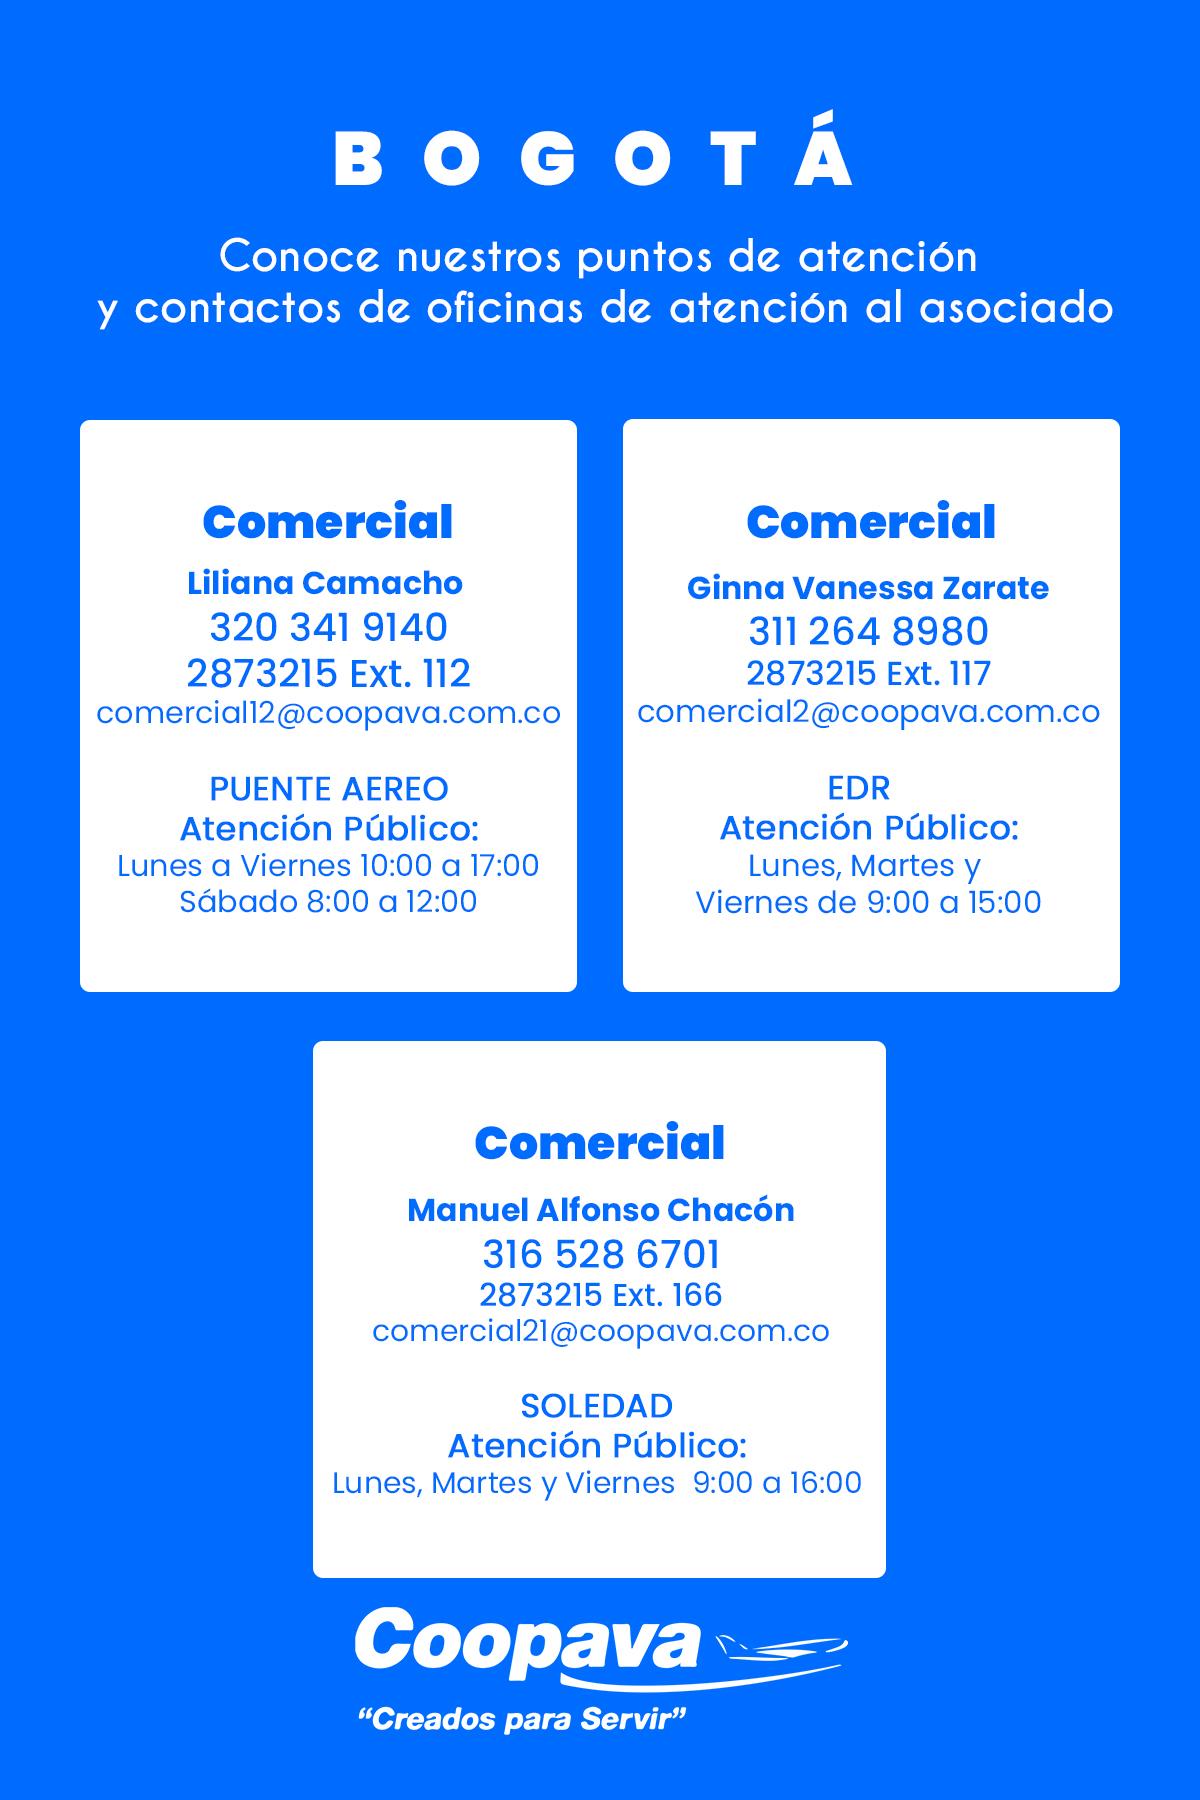 Puntos_Atencion_Contactos_Bogota.jpg (632 KB)